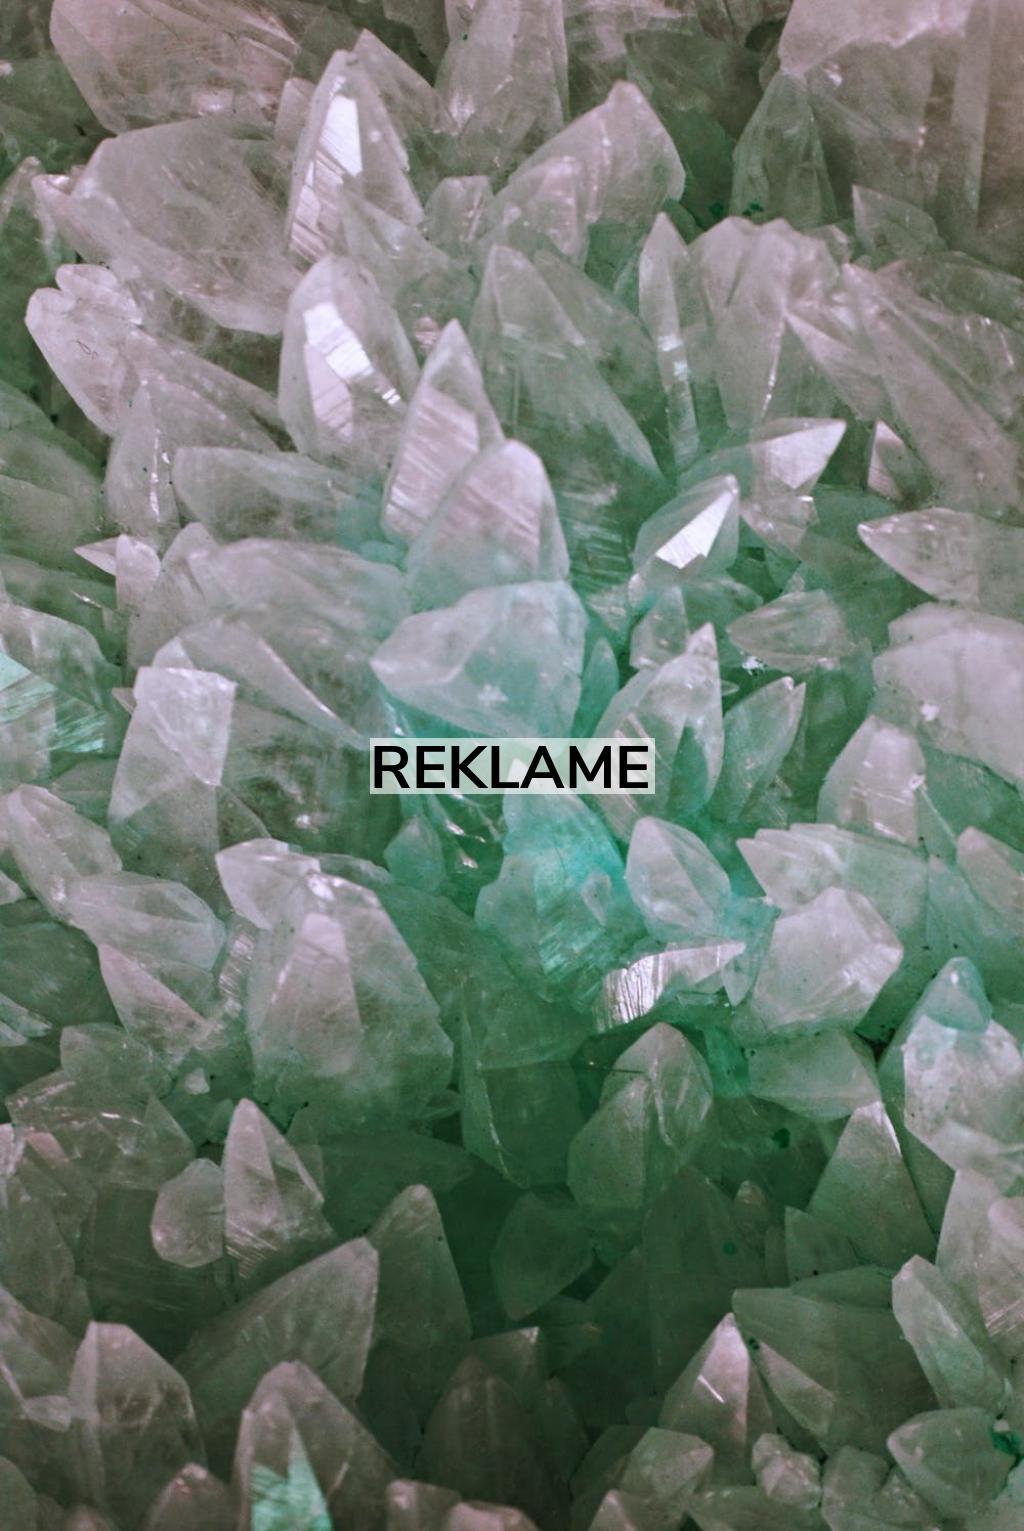 Sådan kan krystaller hjælpe dig i hverdagen